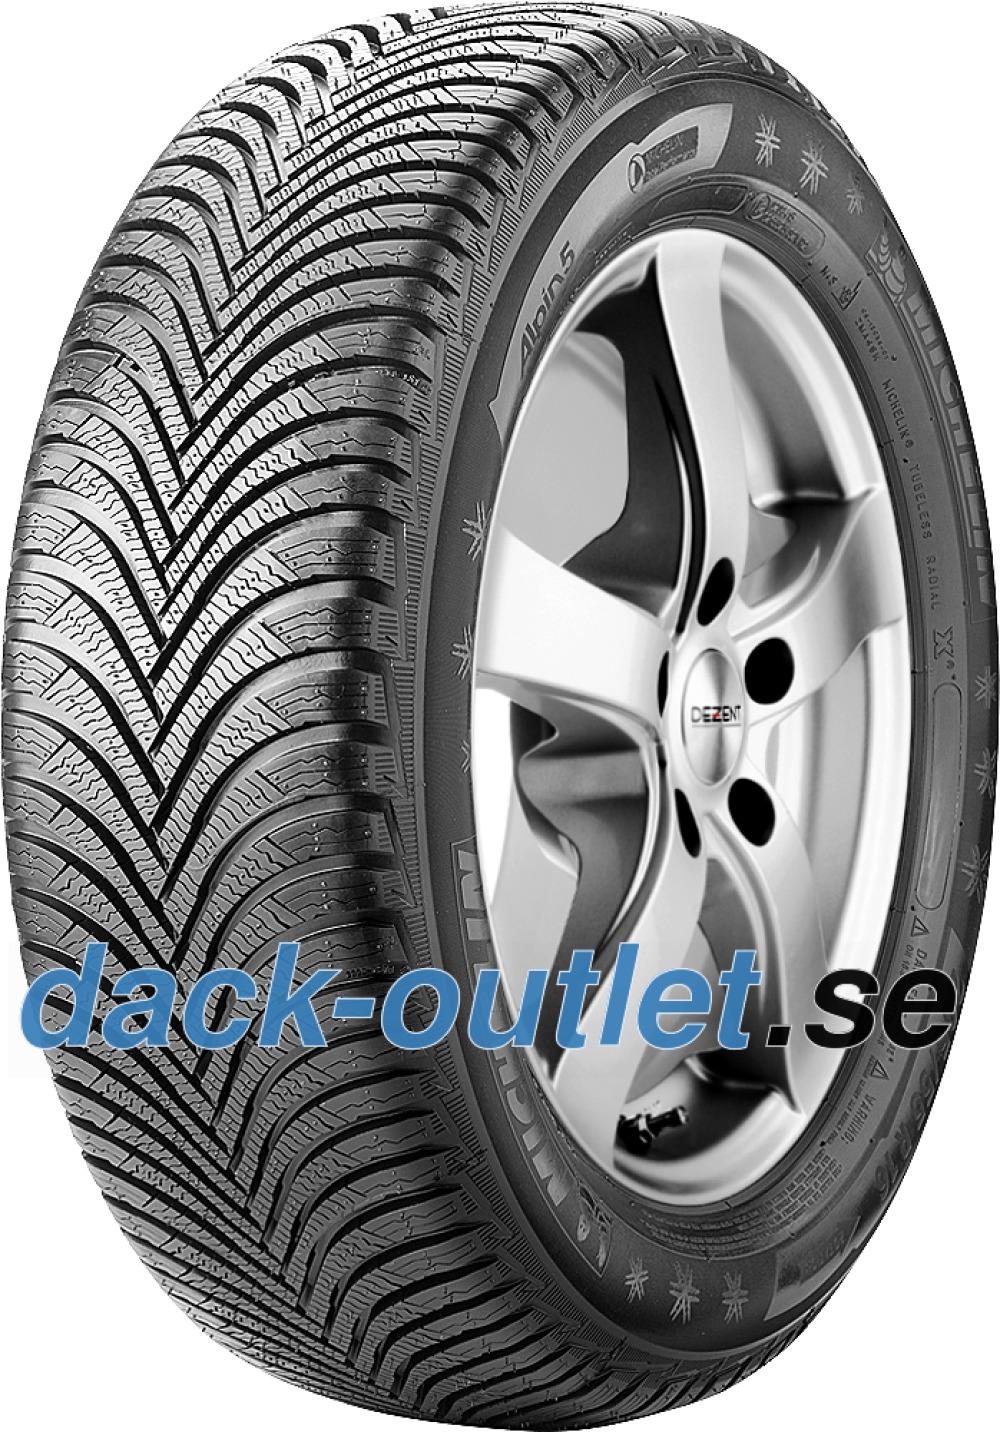 Michelin Alpin 5 ( 215/55 R17 98V XL , med fälg skyddslist (FSL) )